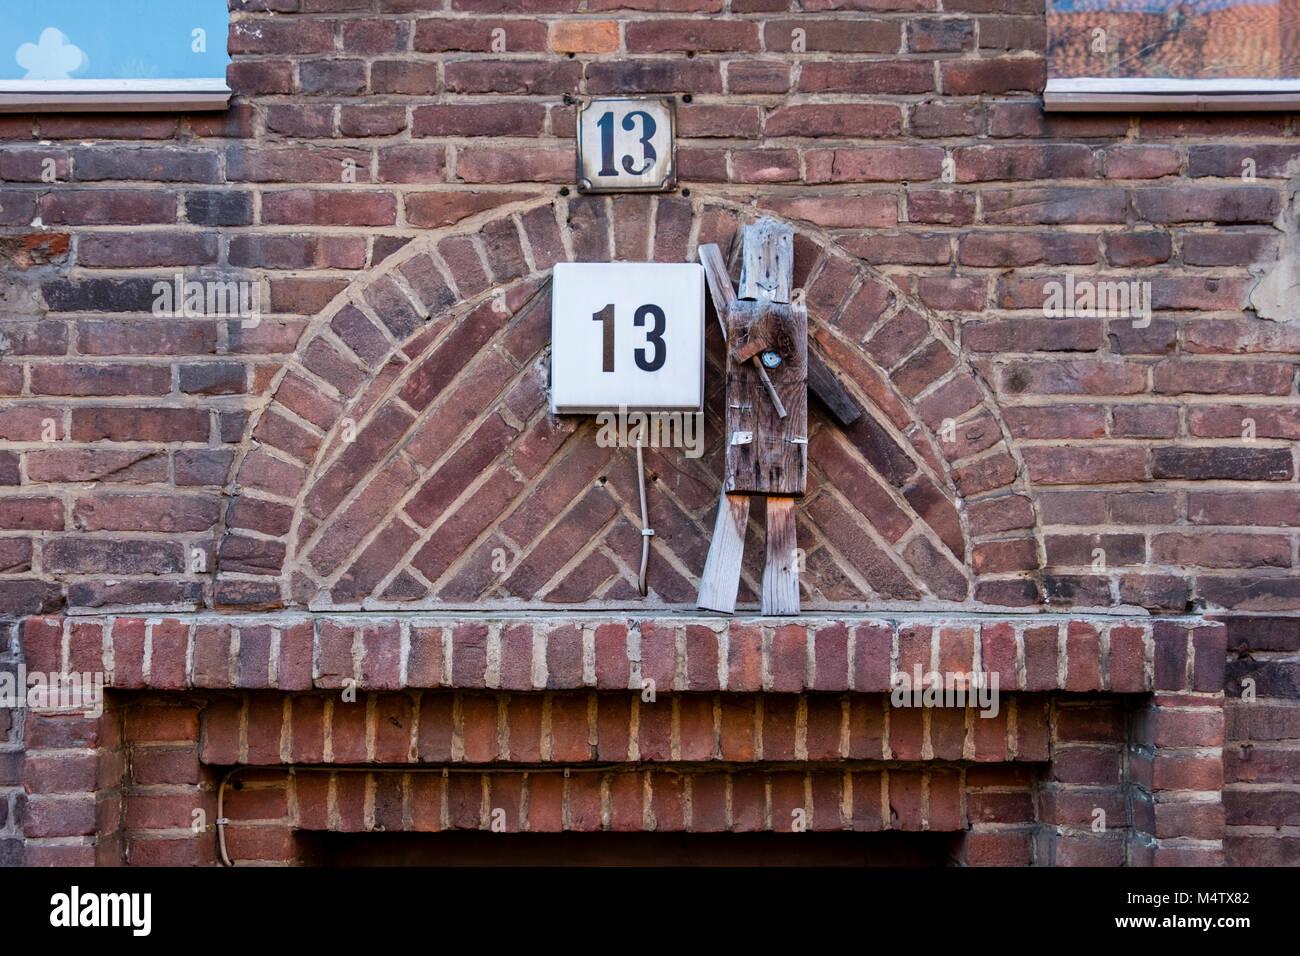 Accueil de Berlin. Détail de construction, Klinker brick wall avec naïve sculpture en bois de l'homme Photo Stock